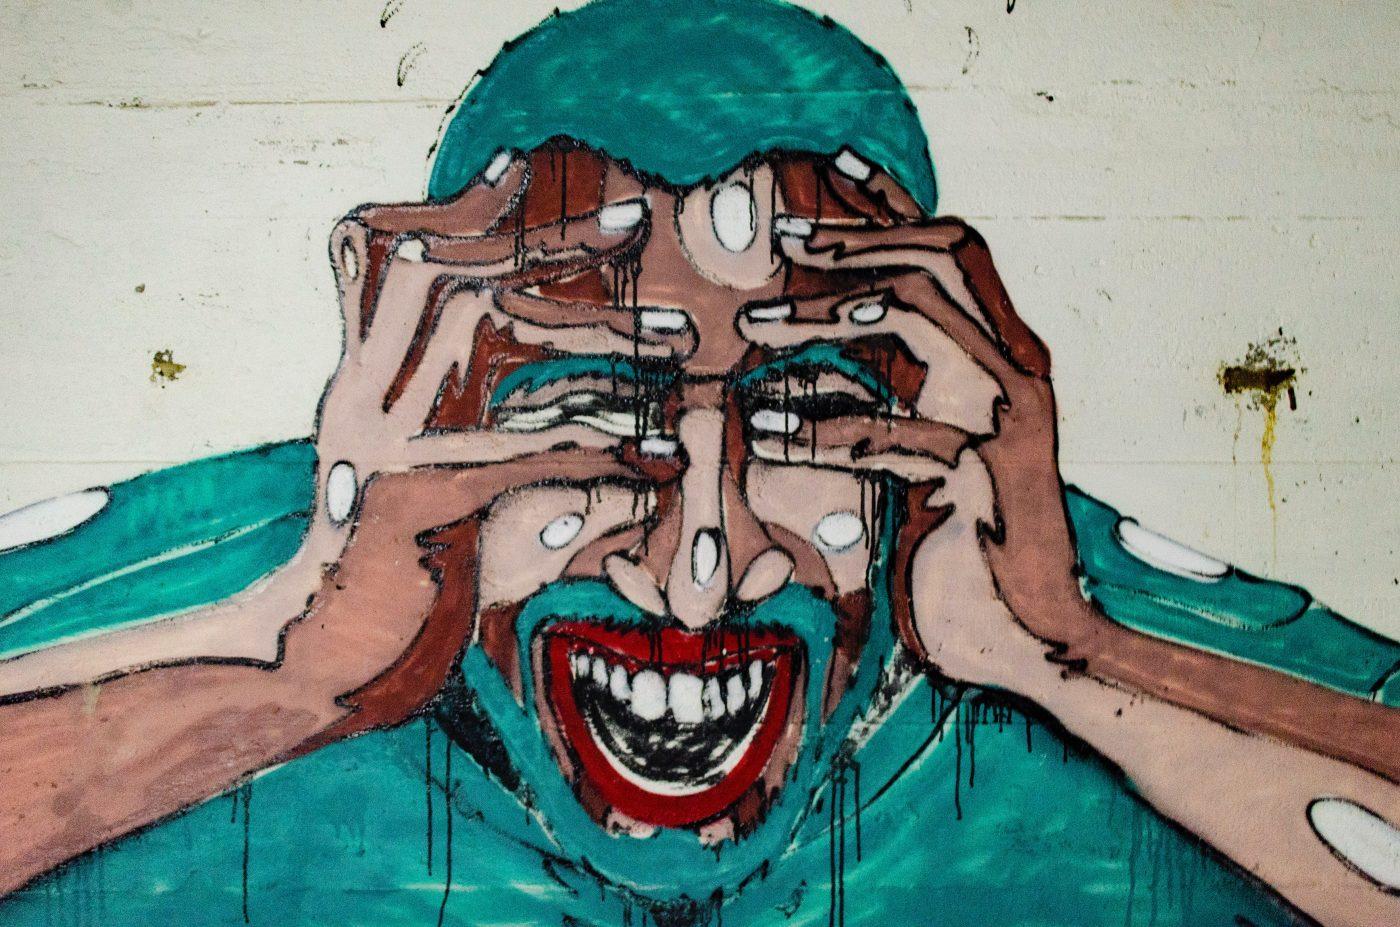 Stress cronico sul luogo di lavoro: l'Oms affronta il burn out